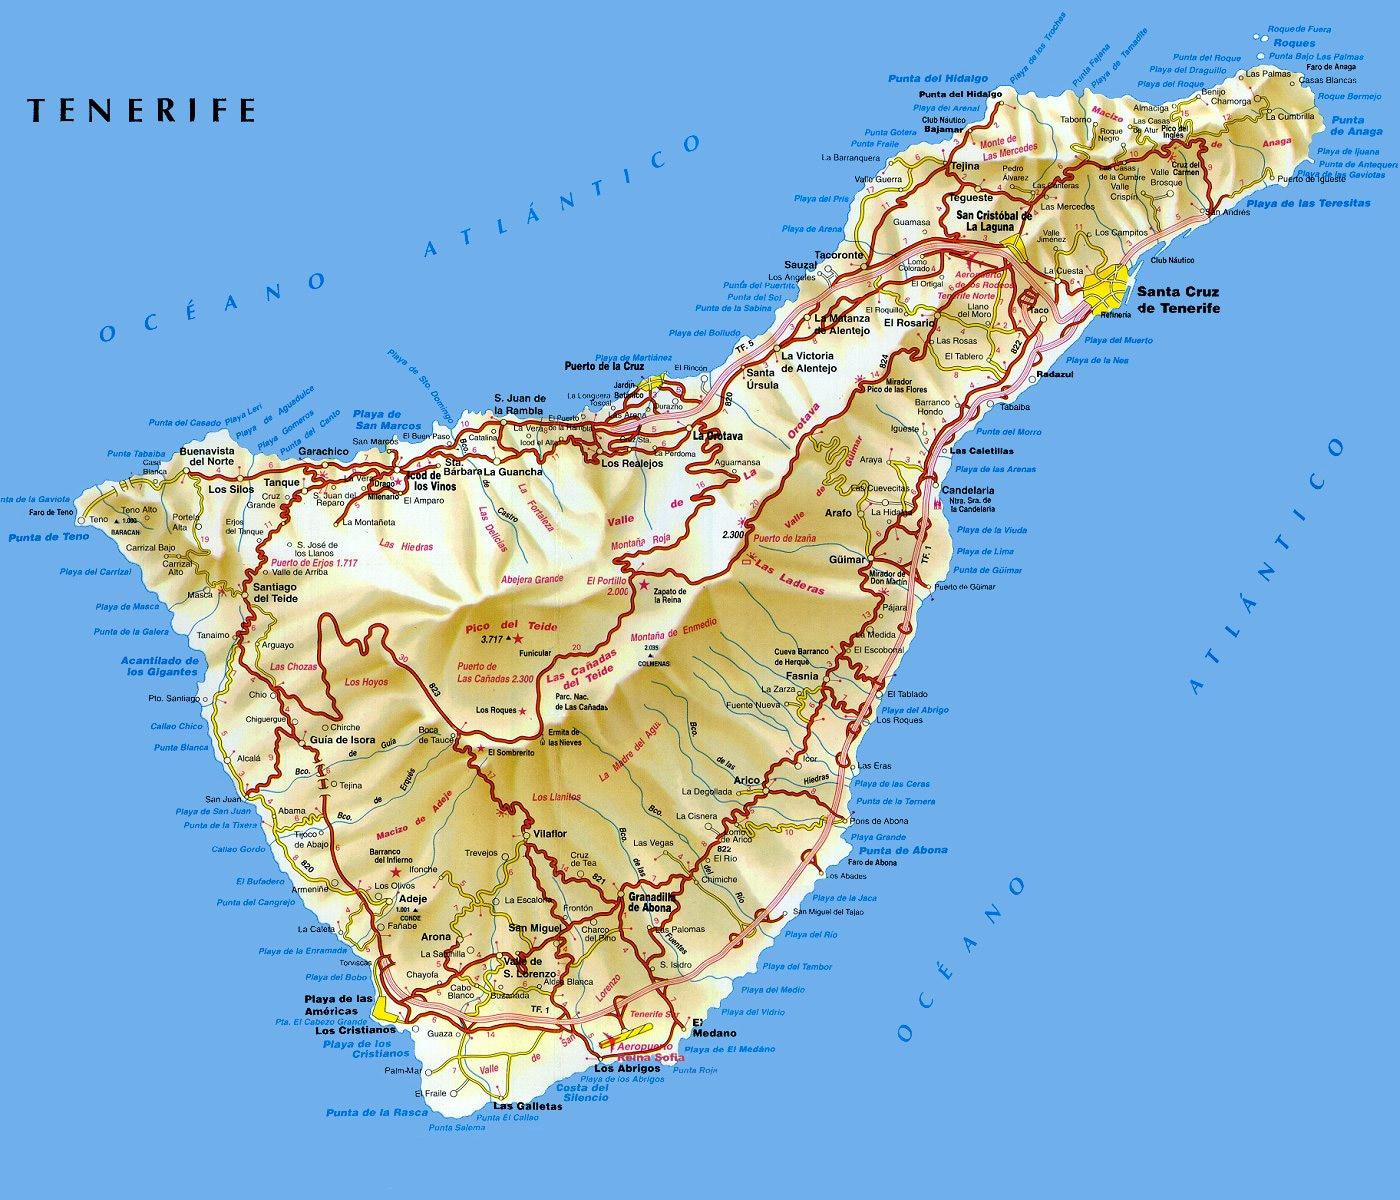 kart over tenerife Ferie Spania Kart kart over tenerife